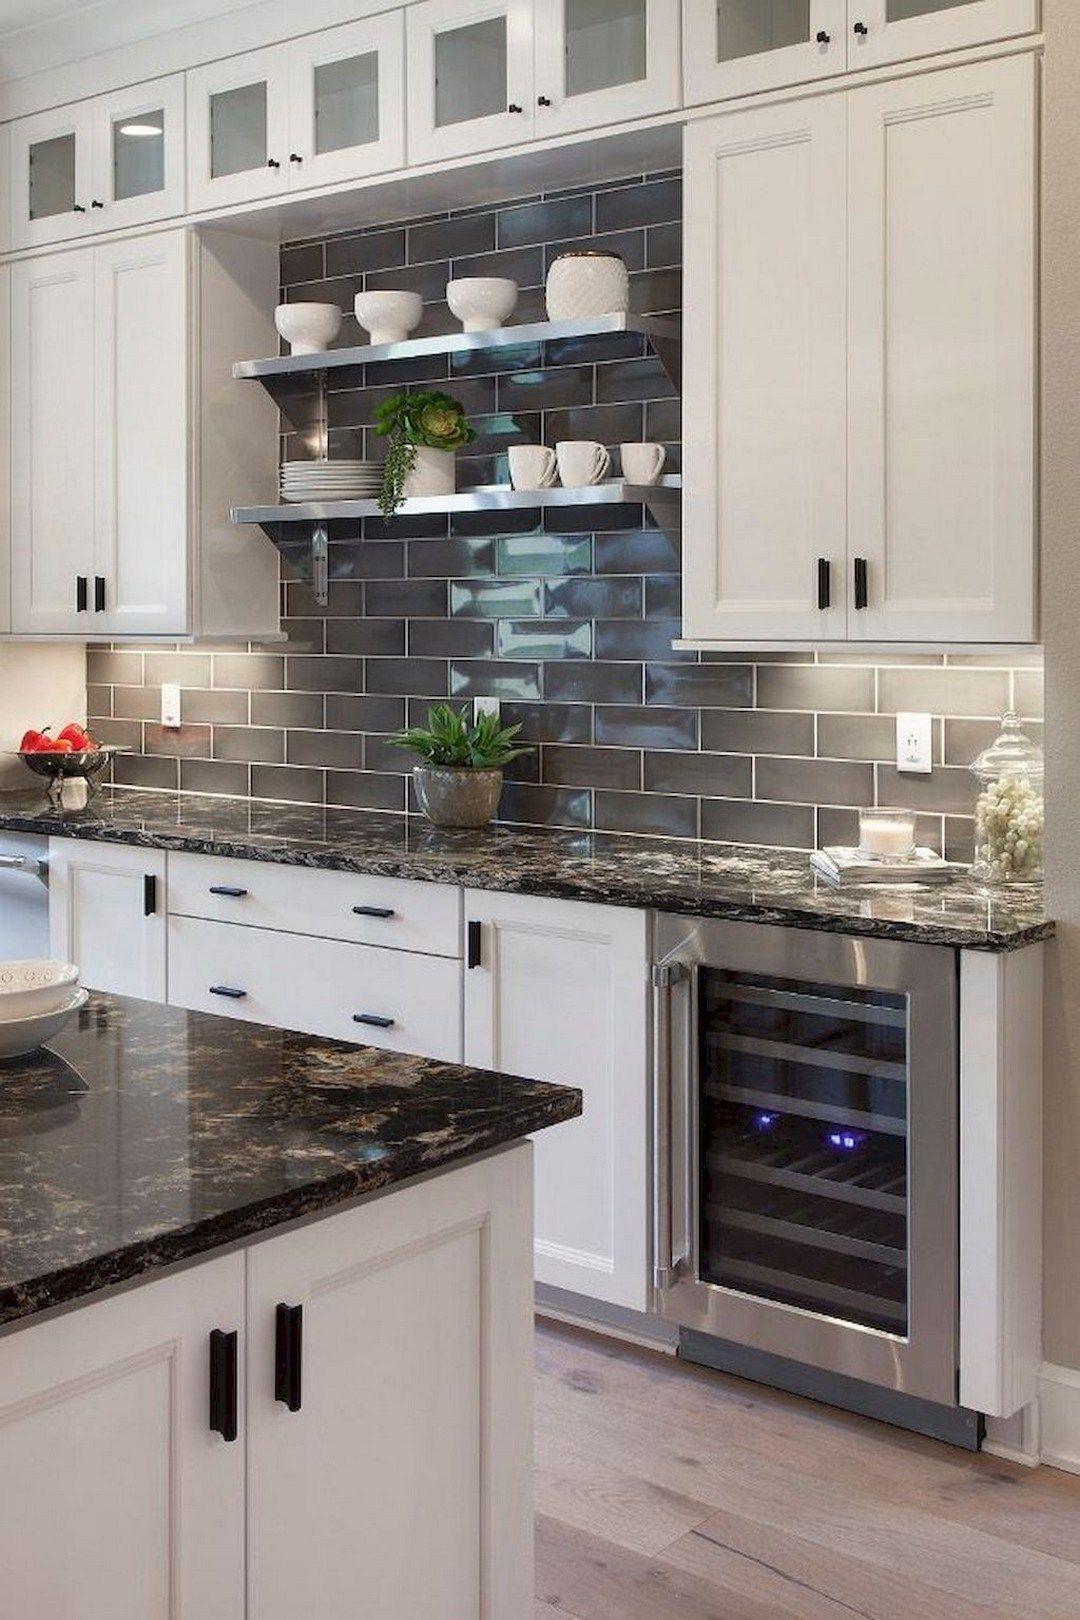 29 Cool Cheap Diy Kitchen Backsplash Ideas 7 Kitchen Design